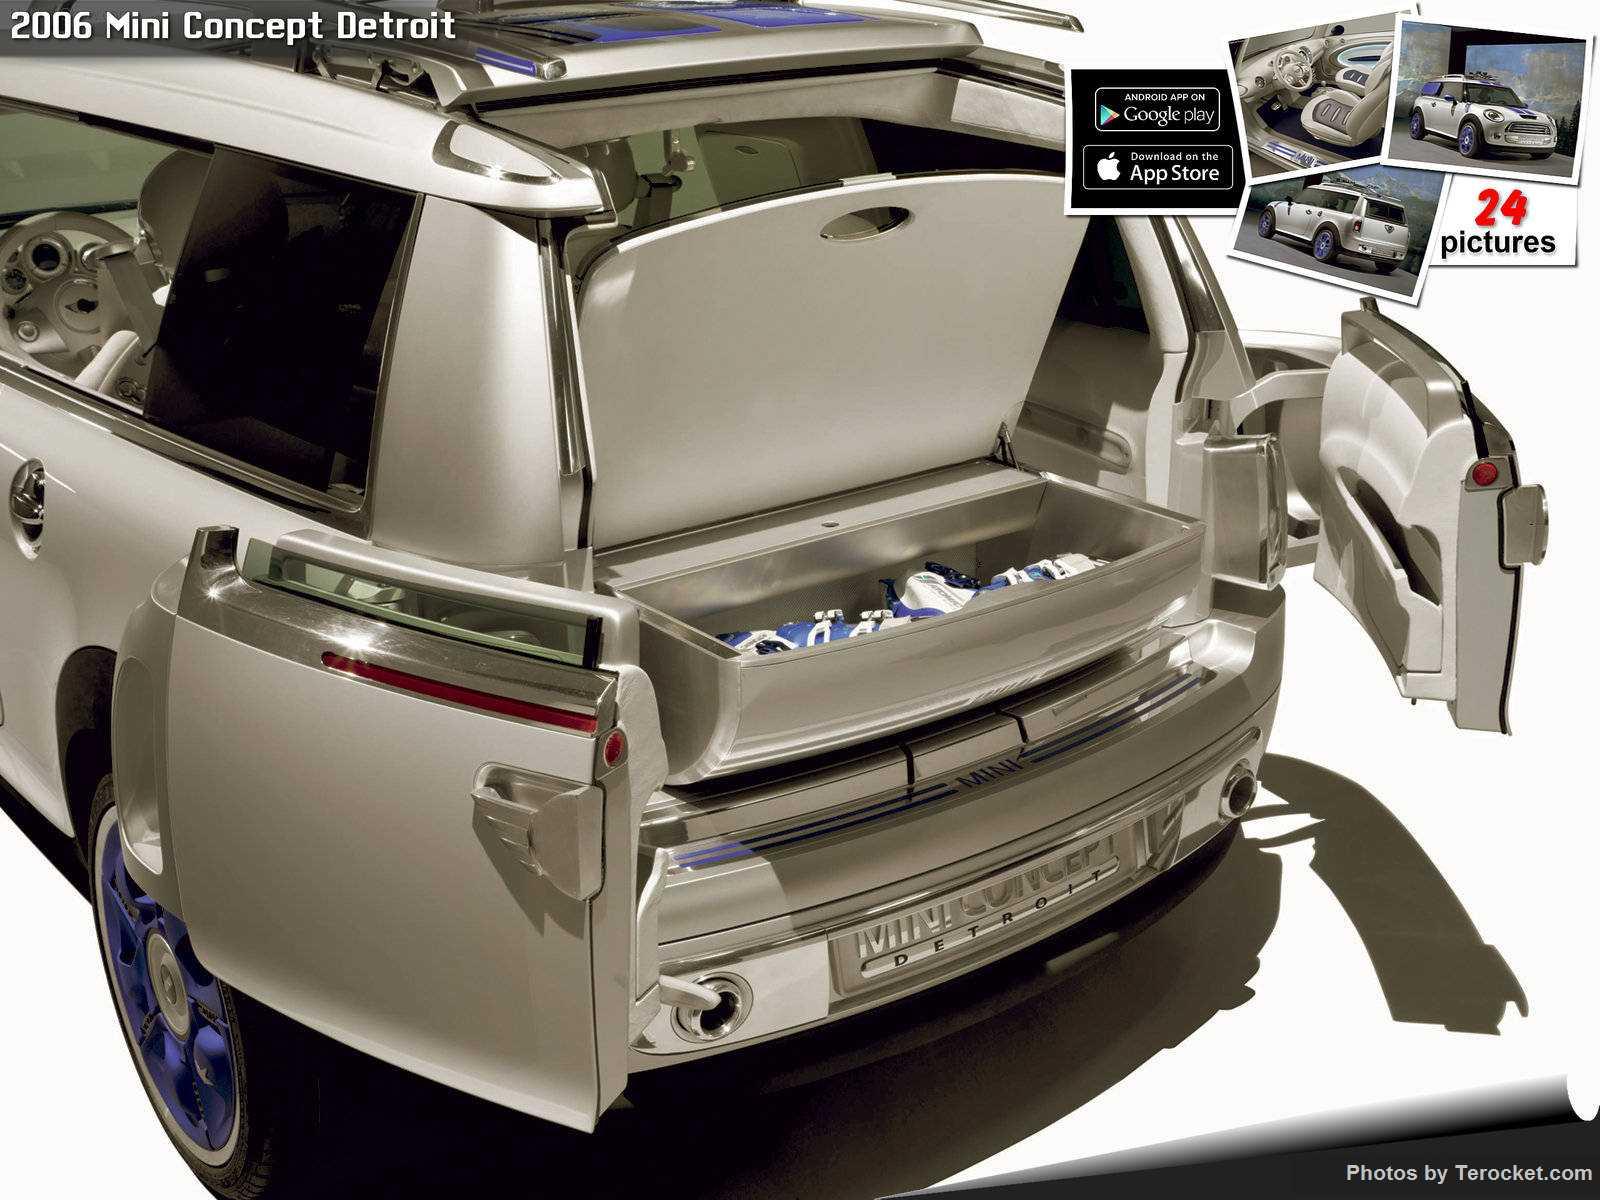 Hình ảnh xe ô tô Mini Concept Detroit 2006 & nội ngoại thất